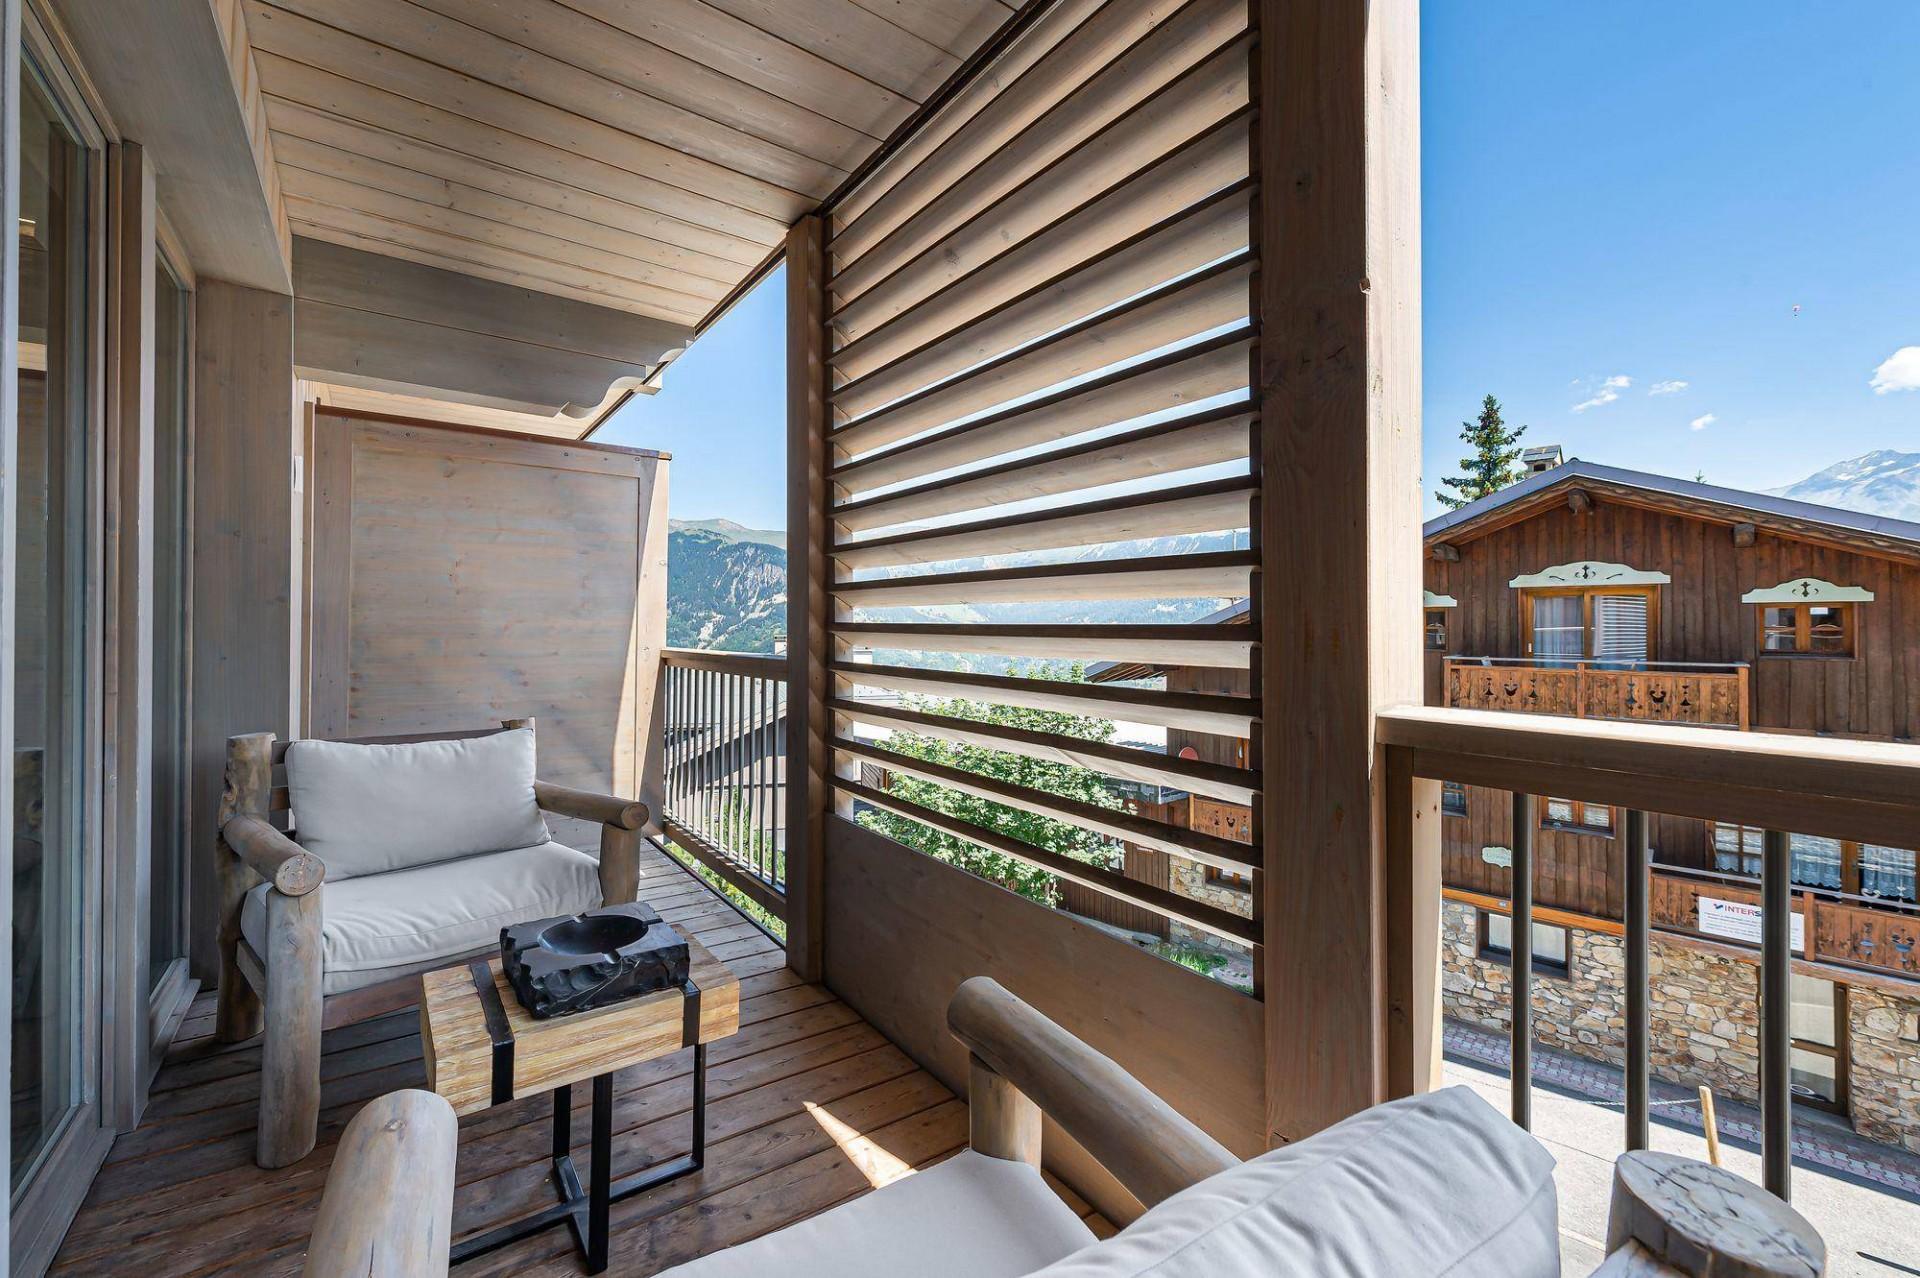 Courchevel 1550 Location Appartement Luxe Telimite Balcon 2